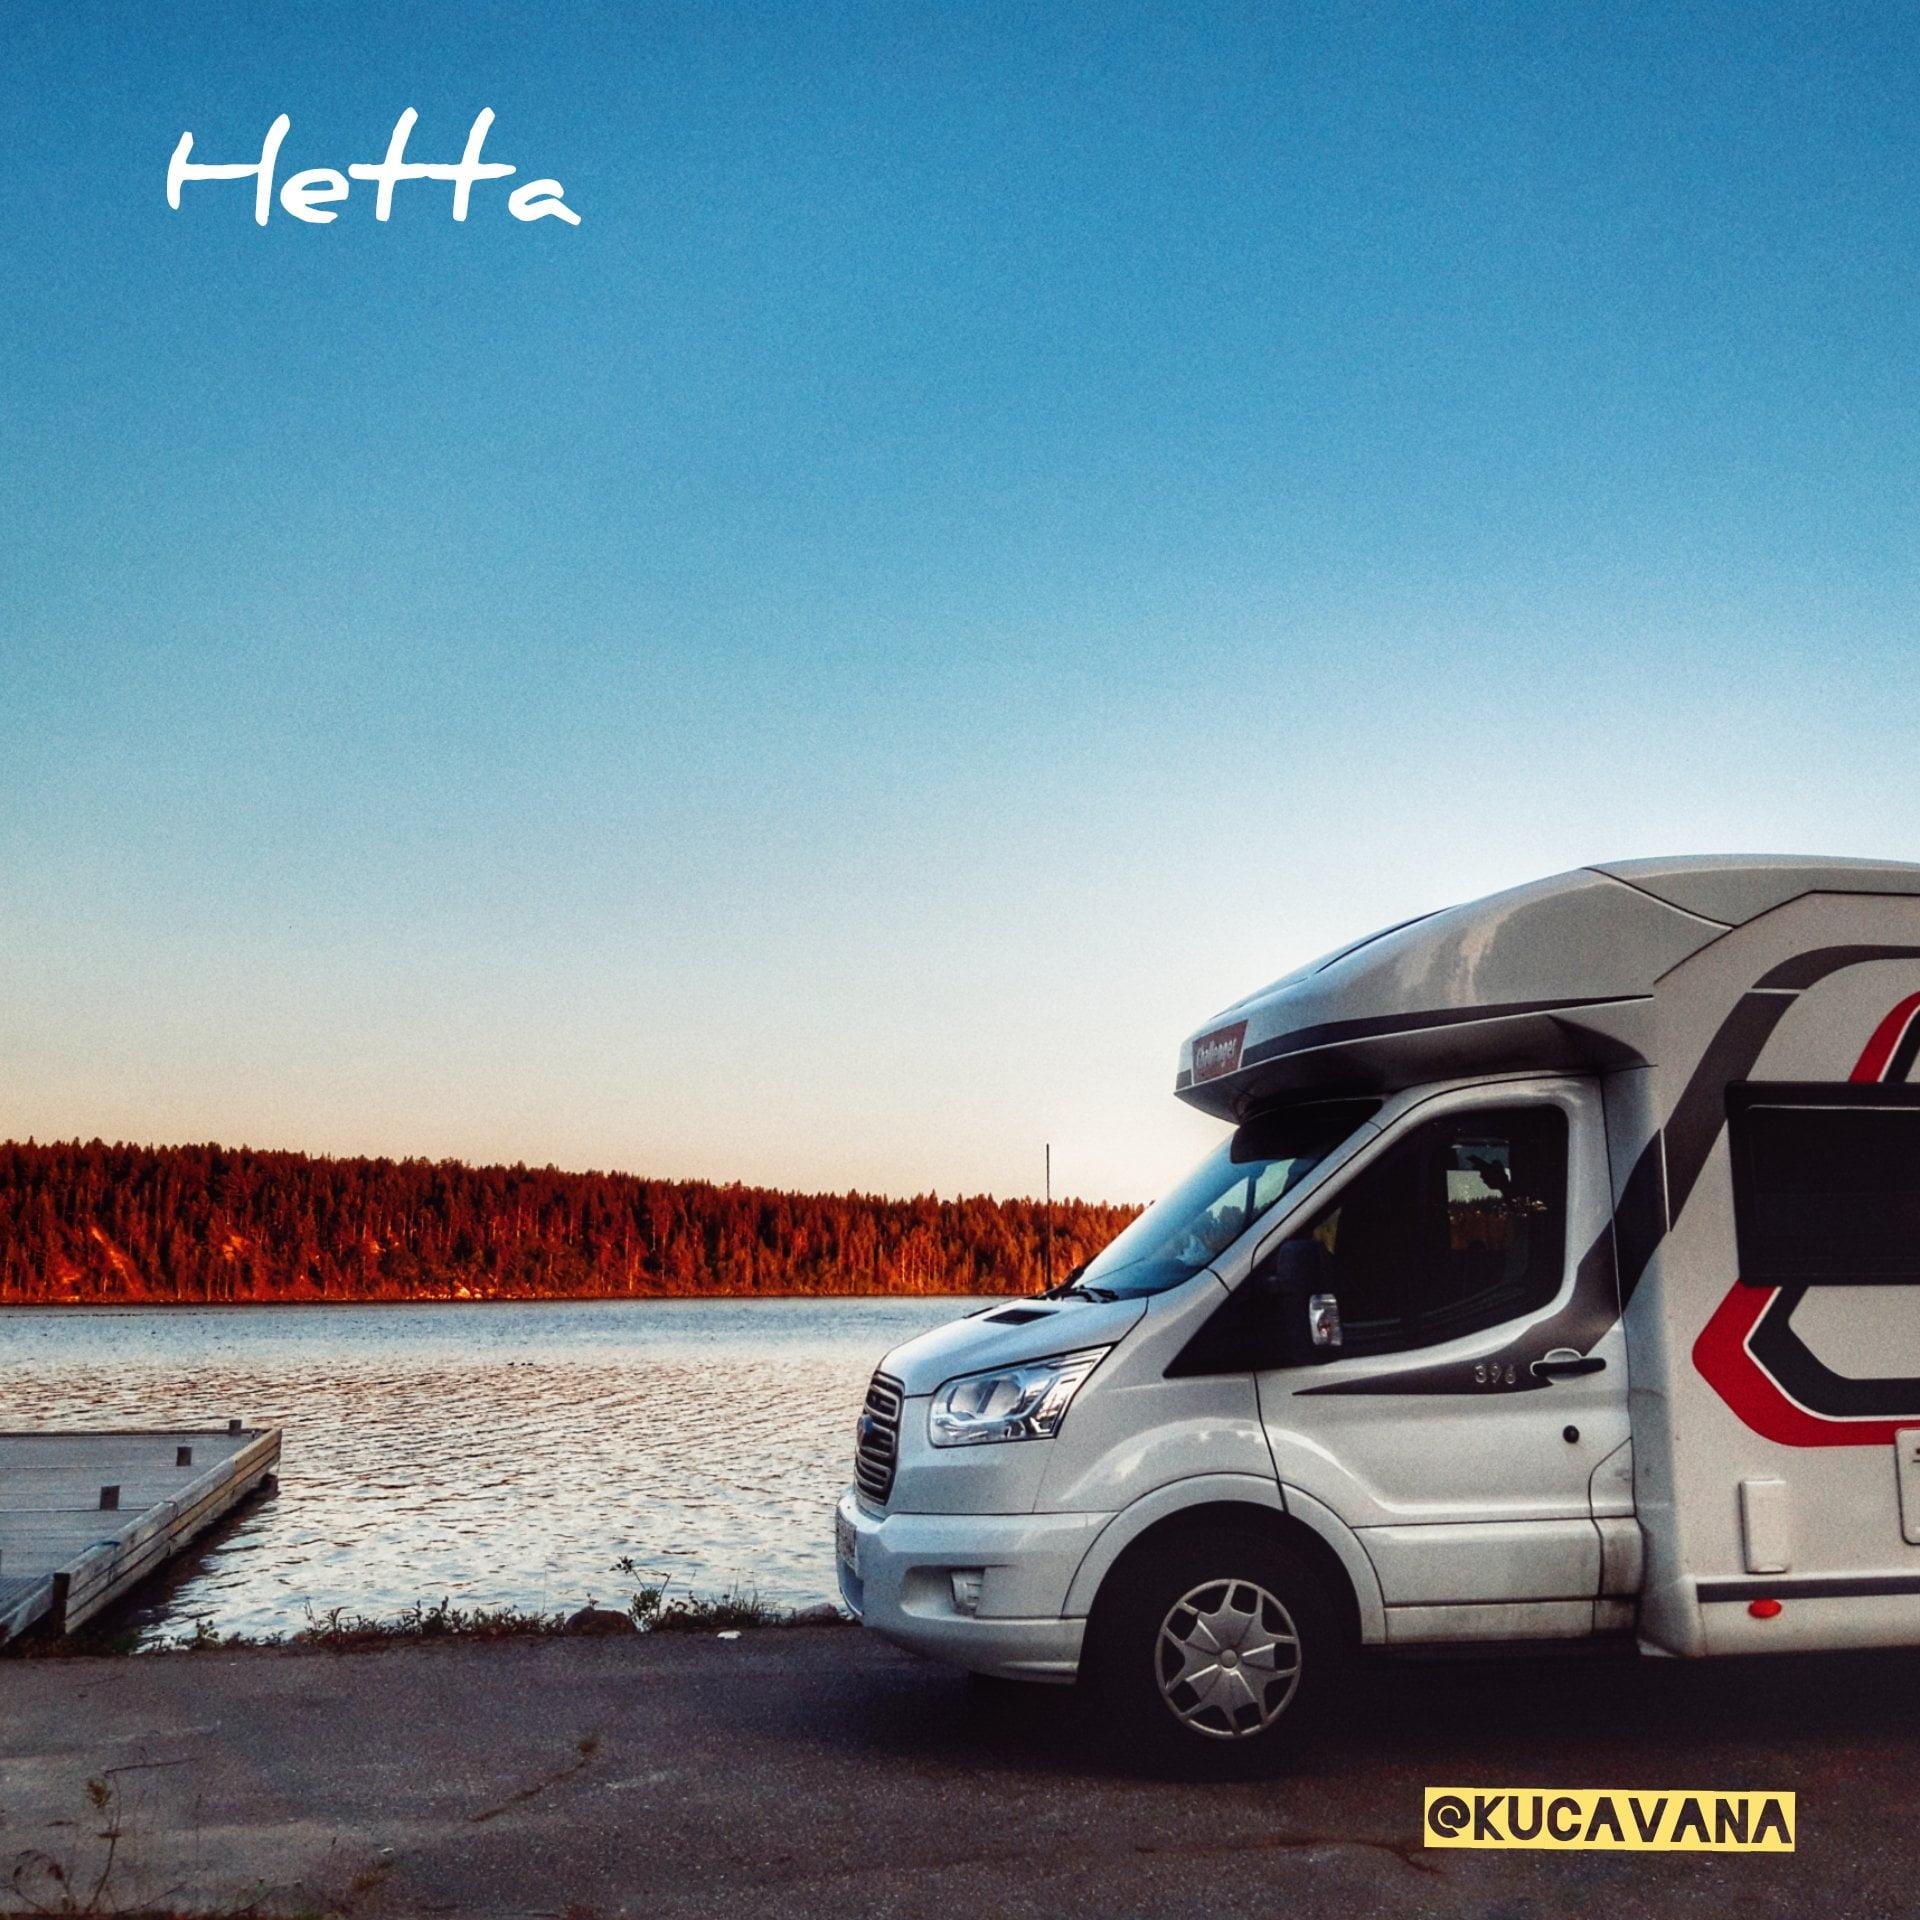 Comment voyager en toute sécurité en camping-car